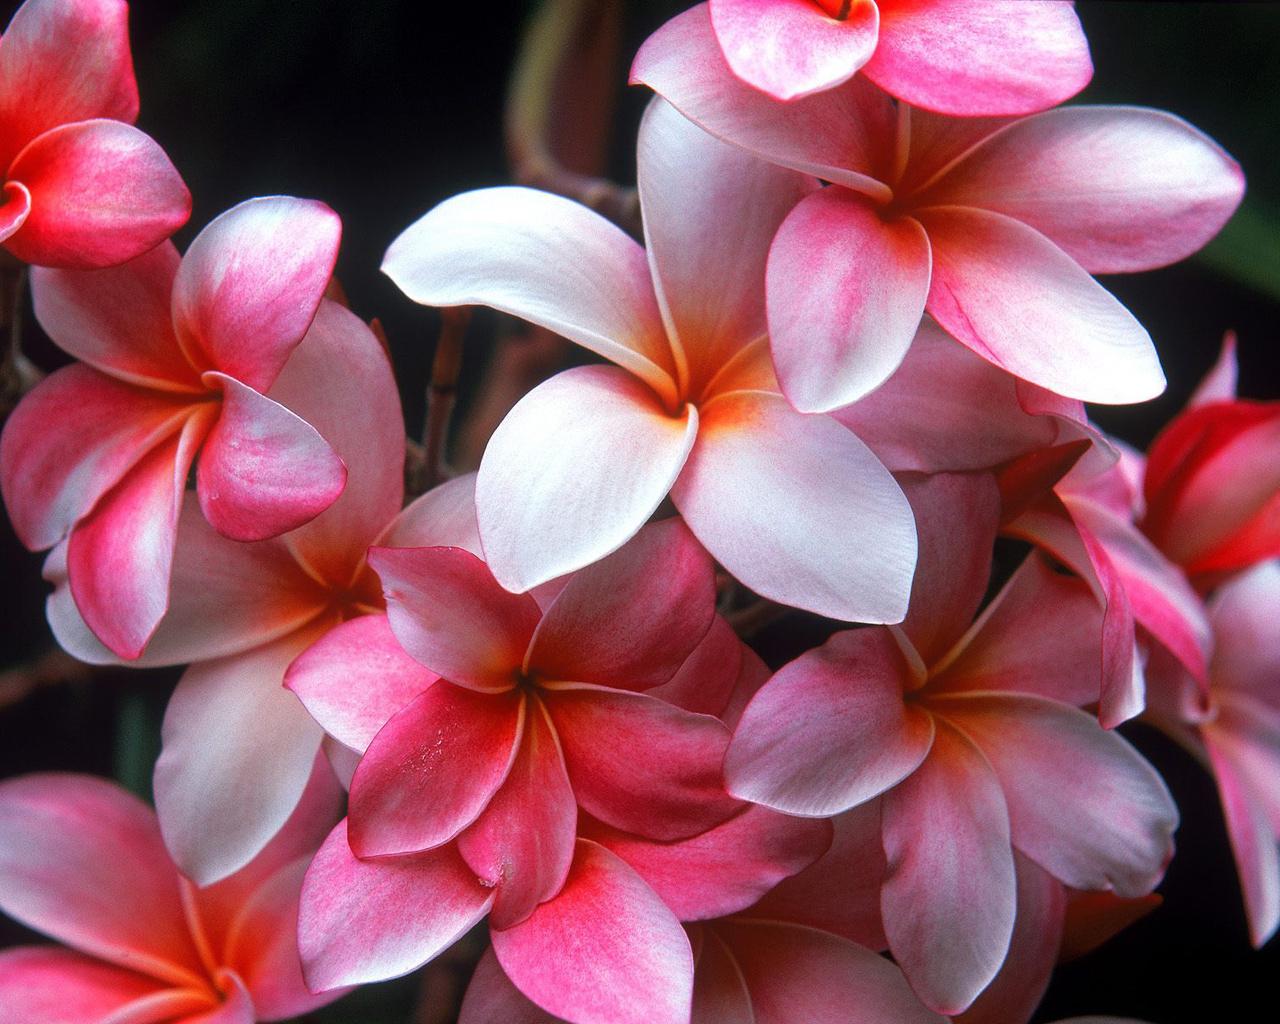 15541 скачать обои Растения, Цветы, Фон - заставки и картинки бесплатно